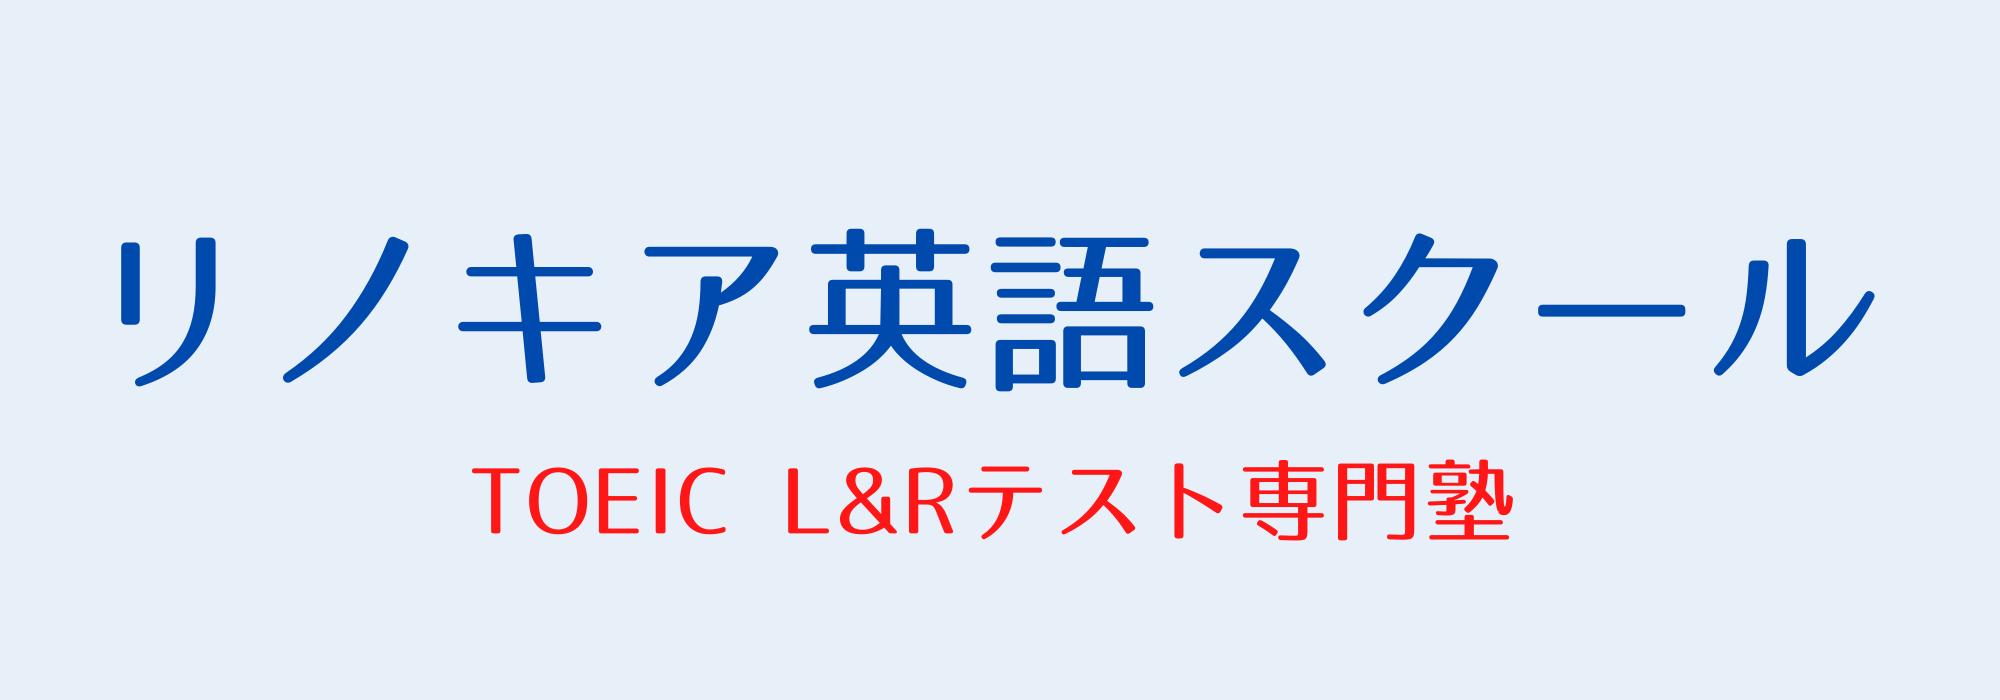 リノキア英語スクール